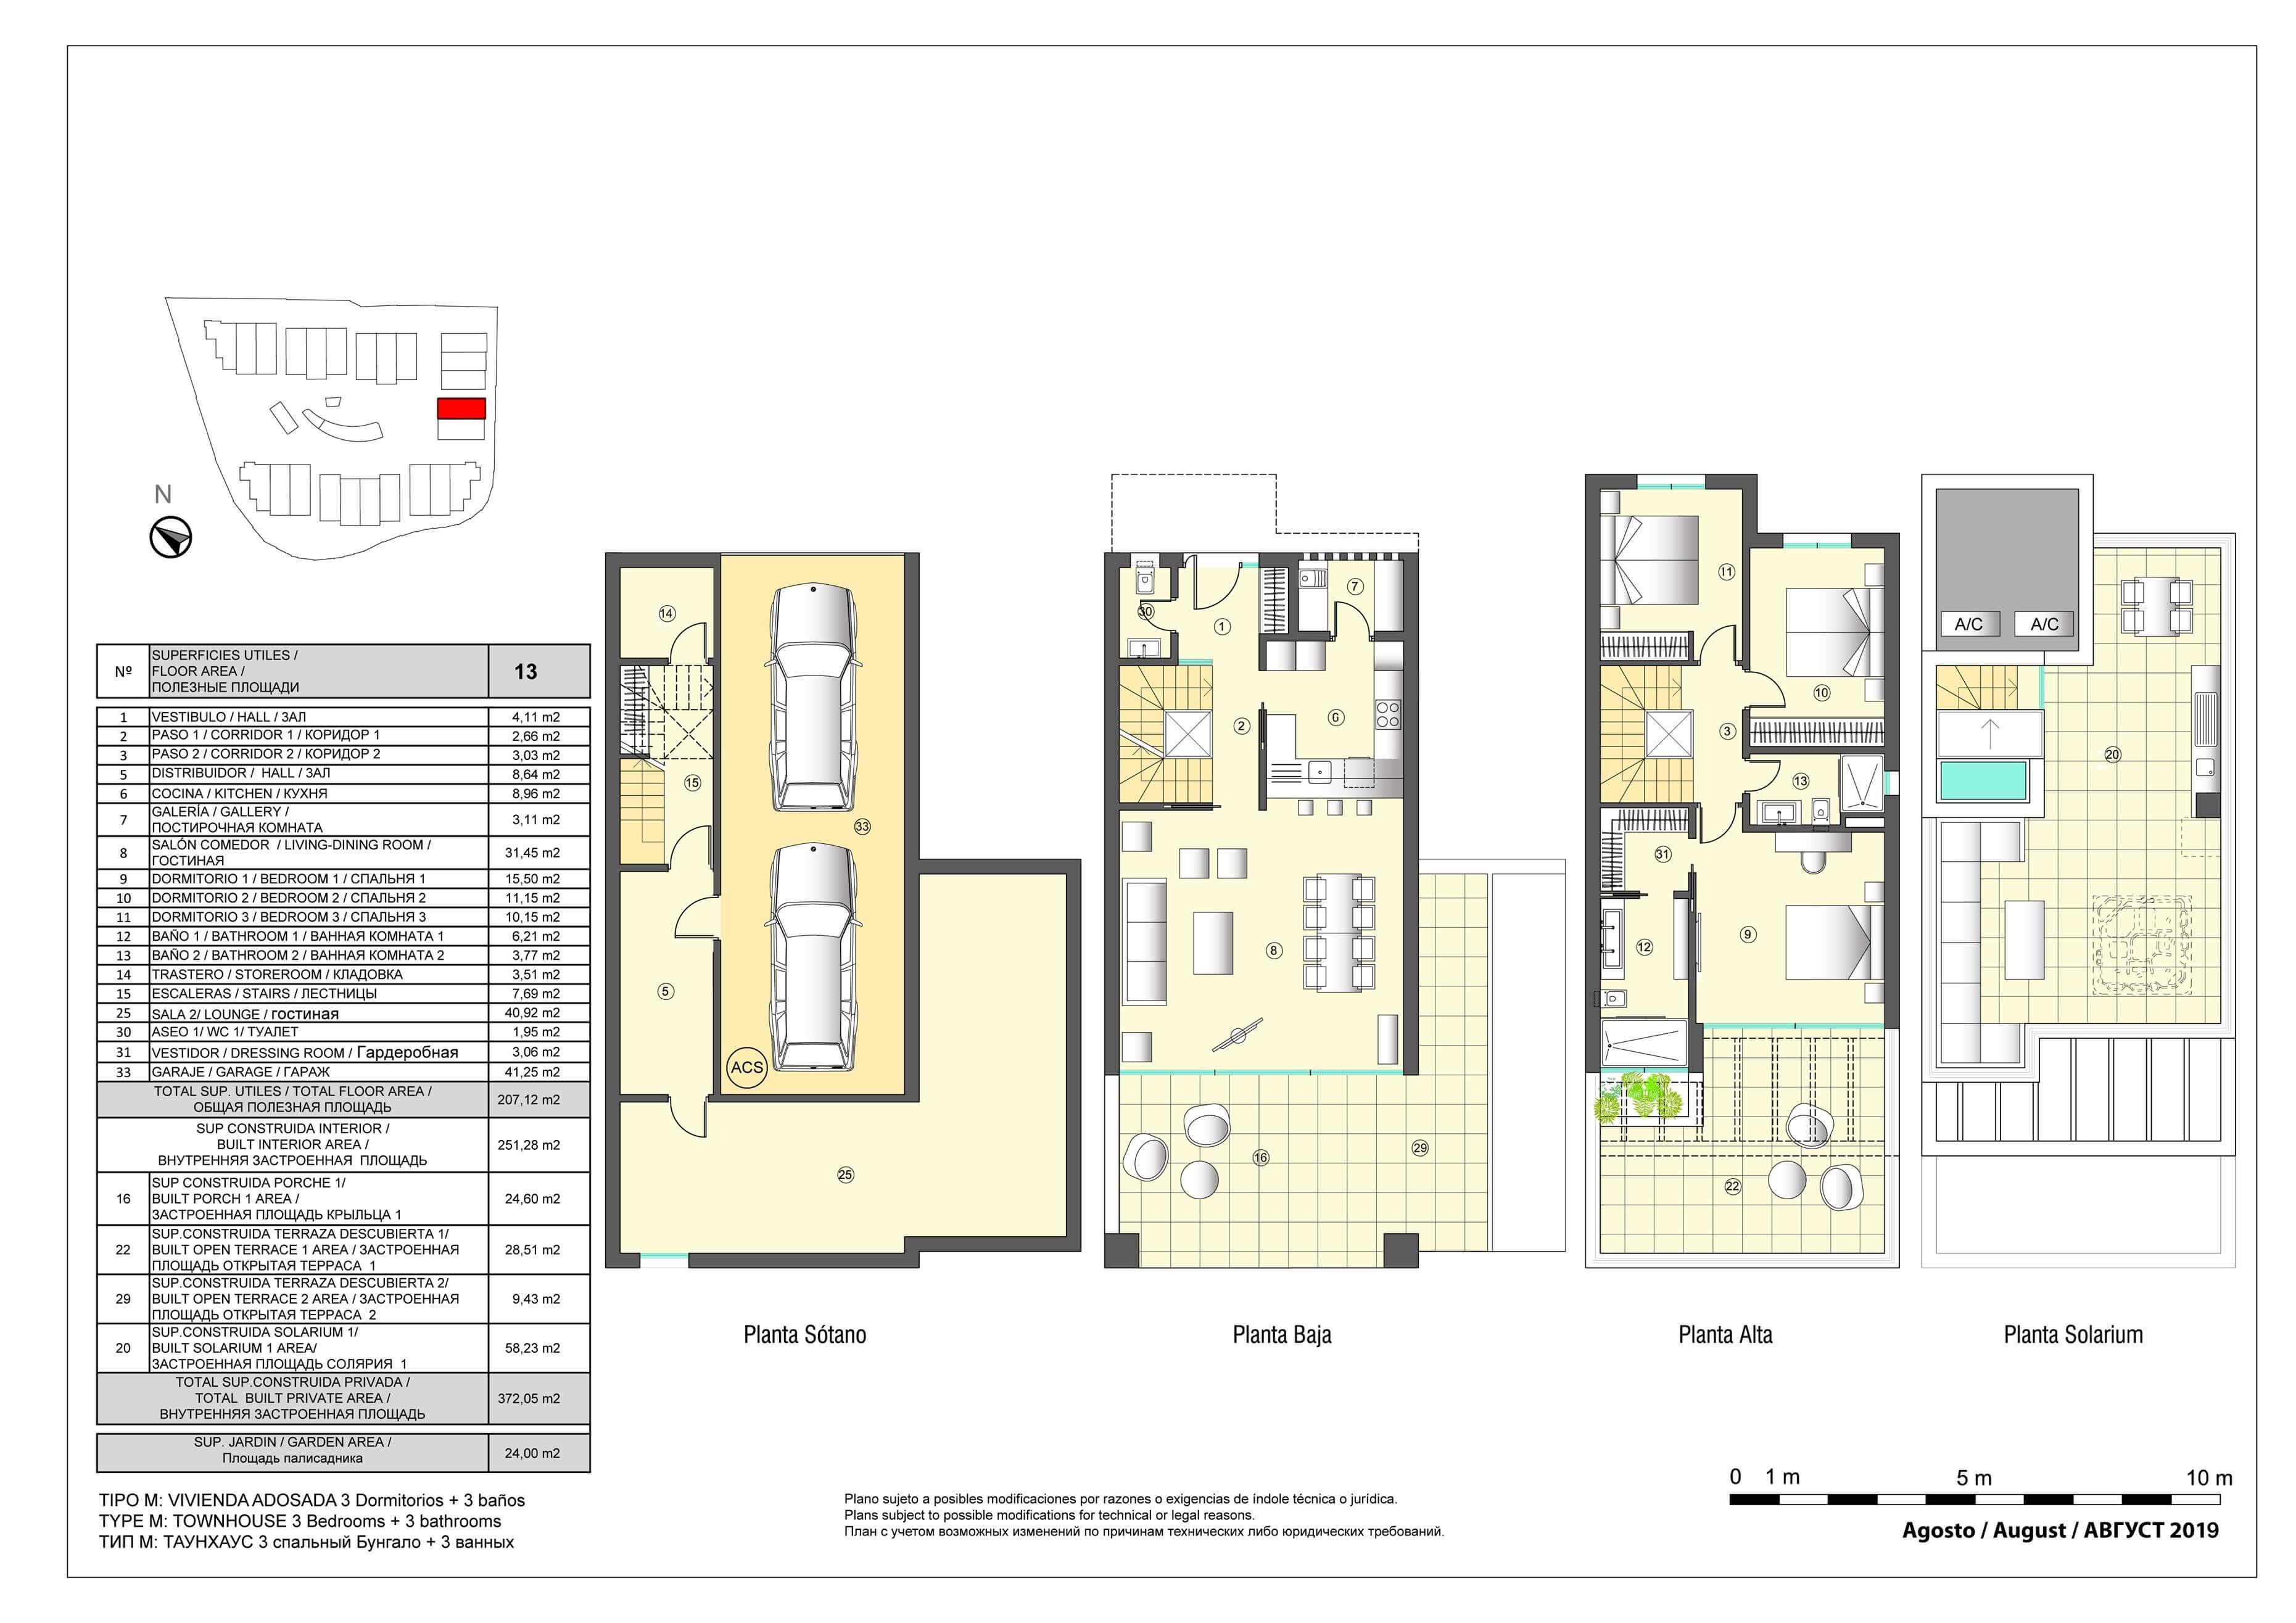 marbella senses golden mile marbella costa del sol nieuwbouw instapklaar huis te koop grondplan 13